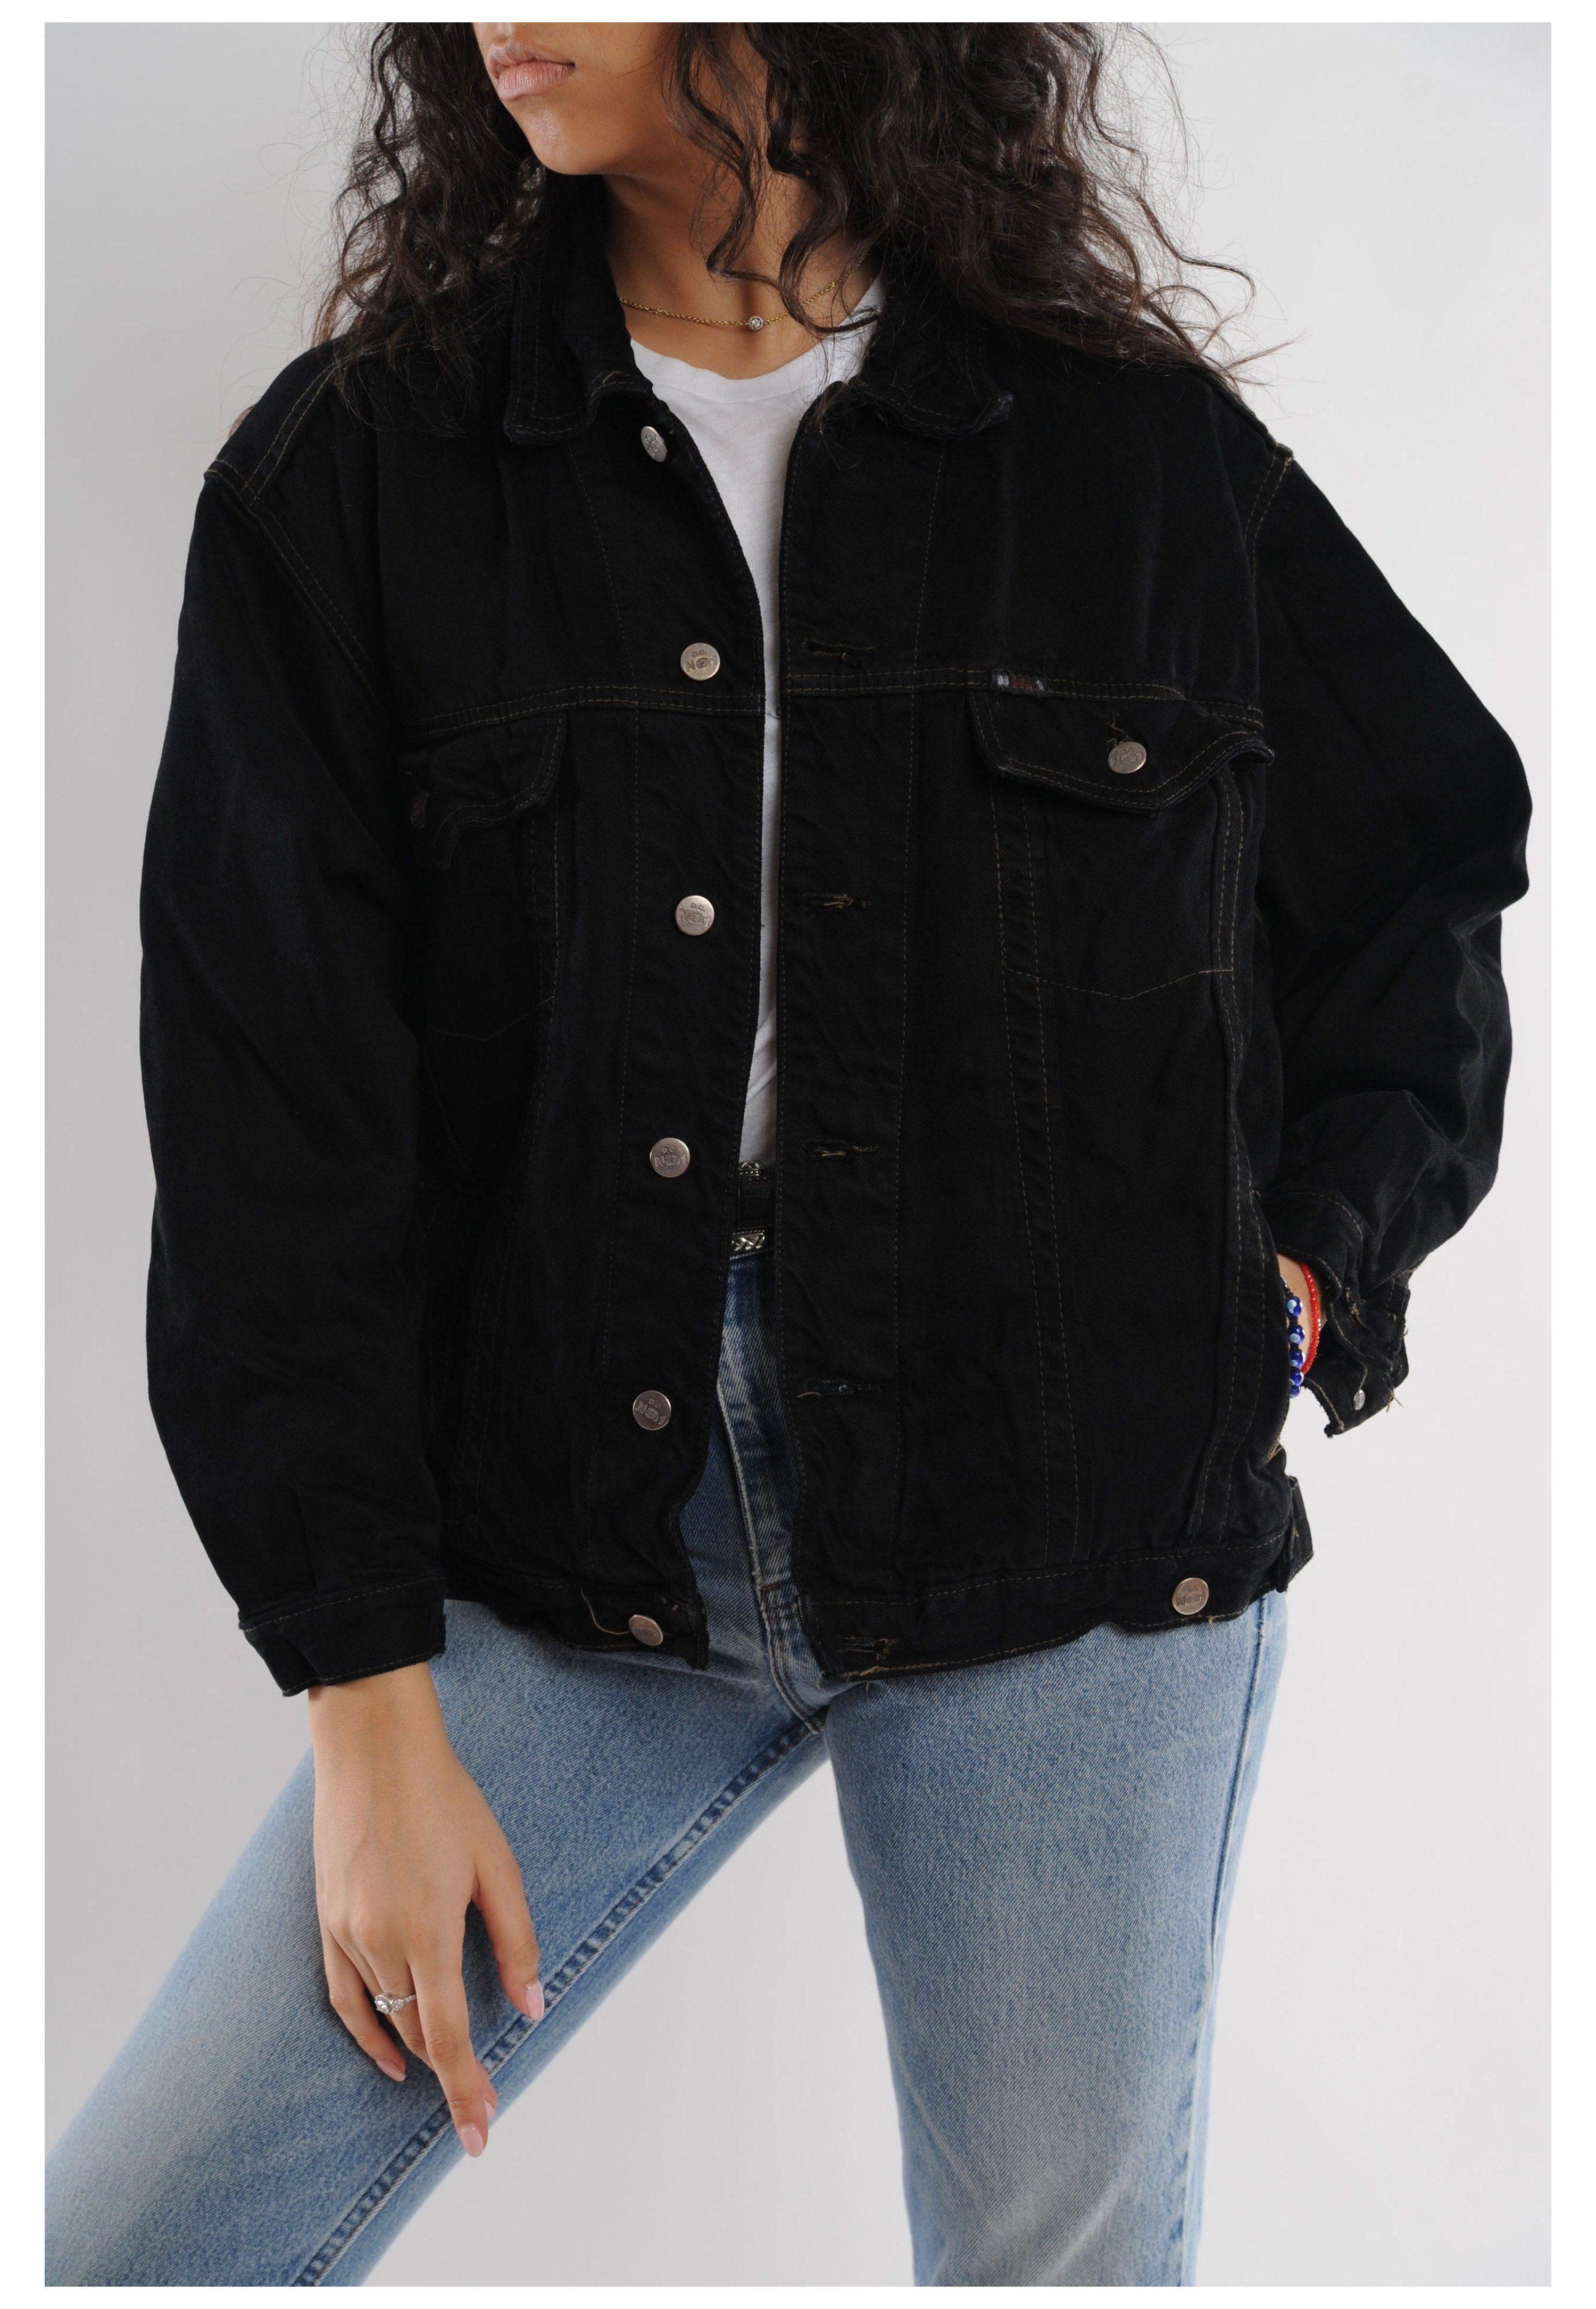 Black Denim Jacket Black Denim Jacket Black Denim Jacket Black Denim Jacket Outfit Black Denim Jacket Trendy Jackets [ 4339 x 3000 Pixel ]